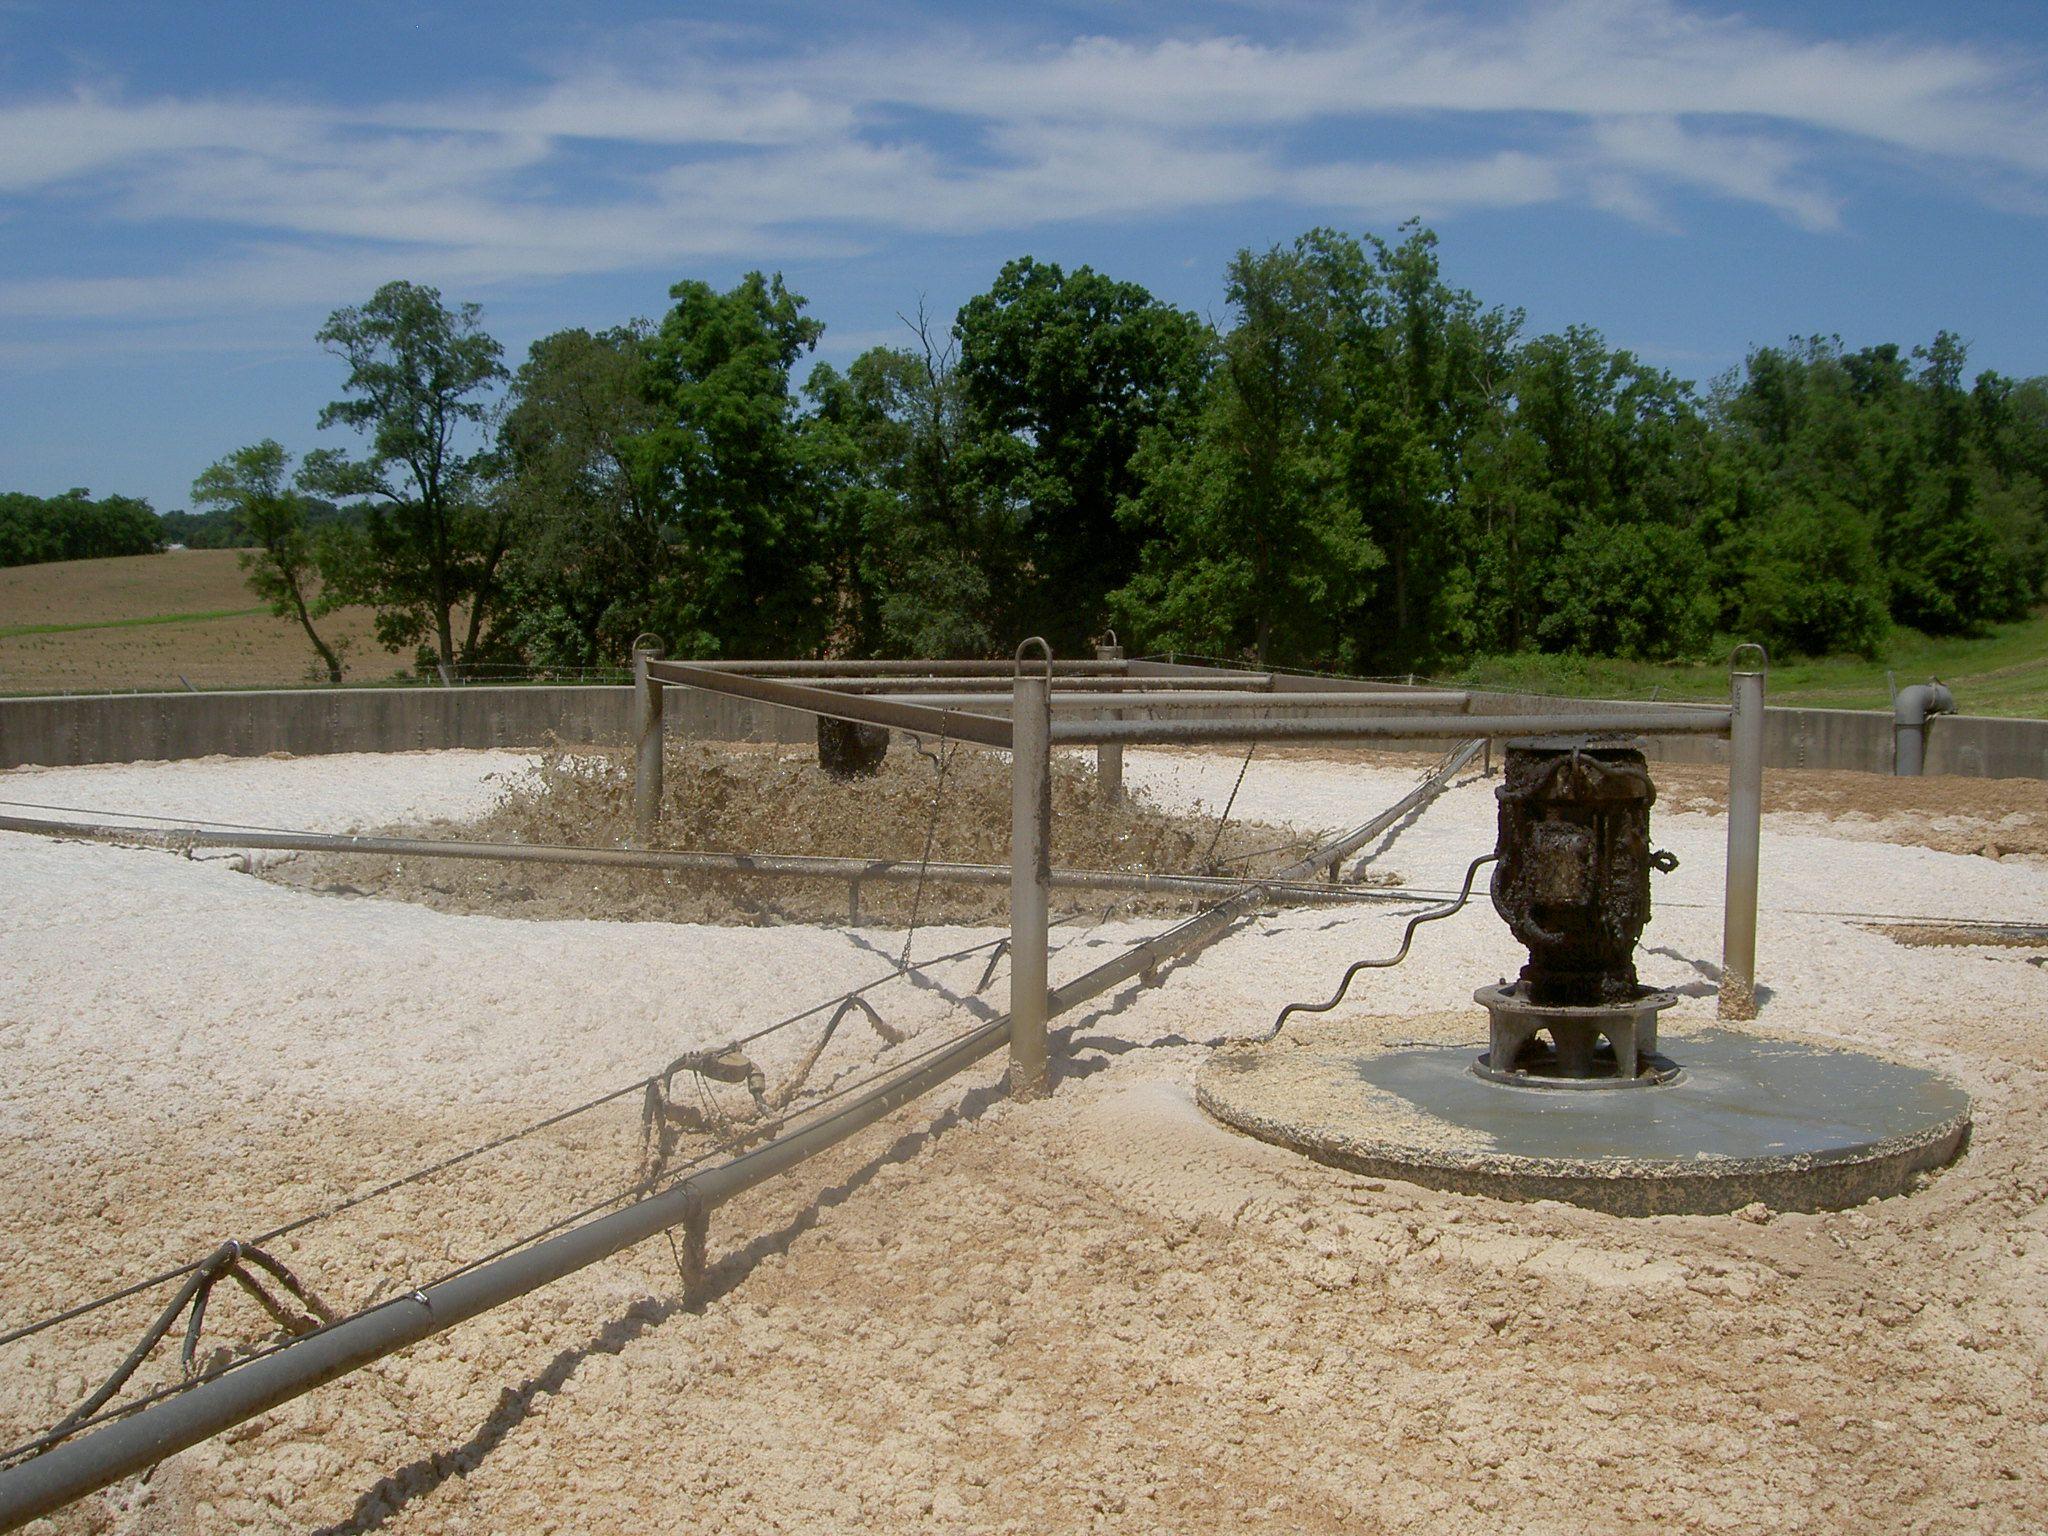 Nuôi cấy, cung cấp bùn vi sinh chất lượng tại Củ Chi